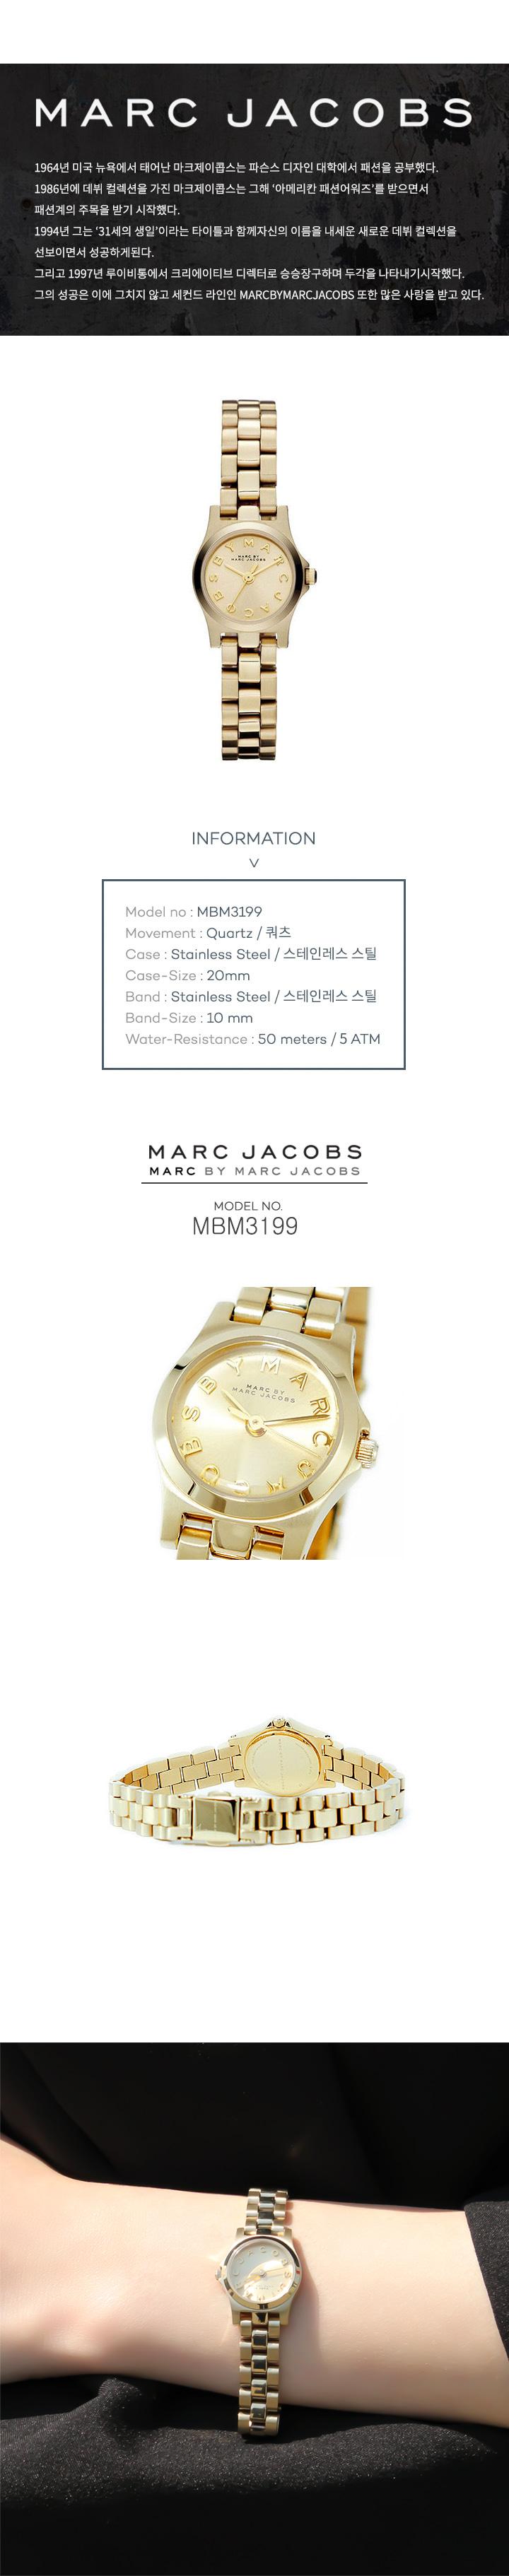 마크제이콥스(MARC JACOBS) 여성메탈시계 MBM3199